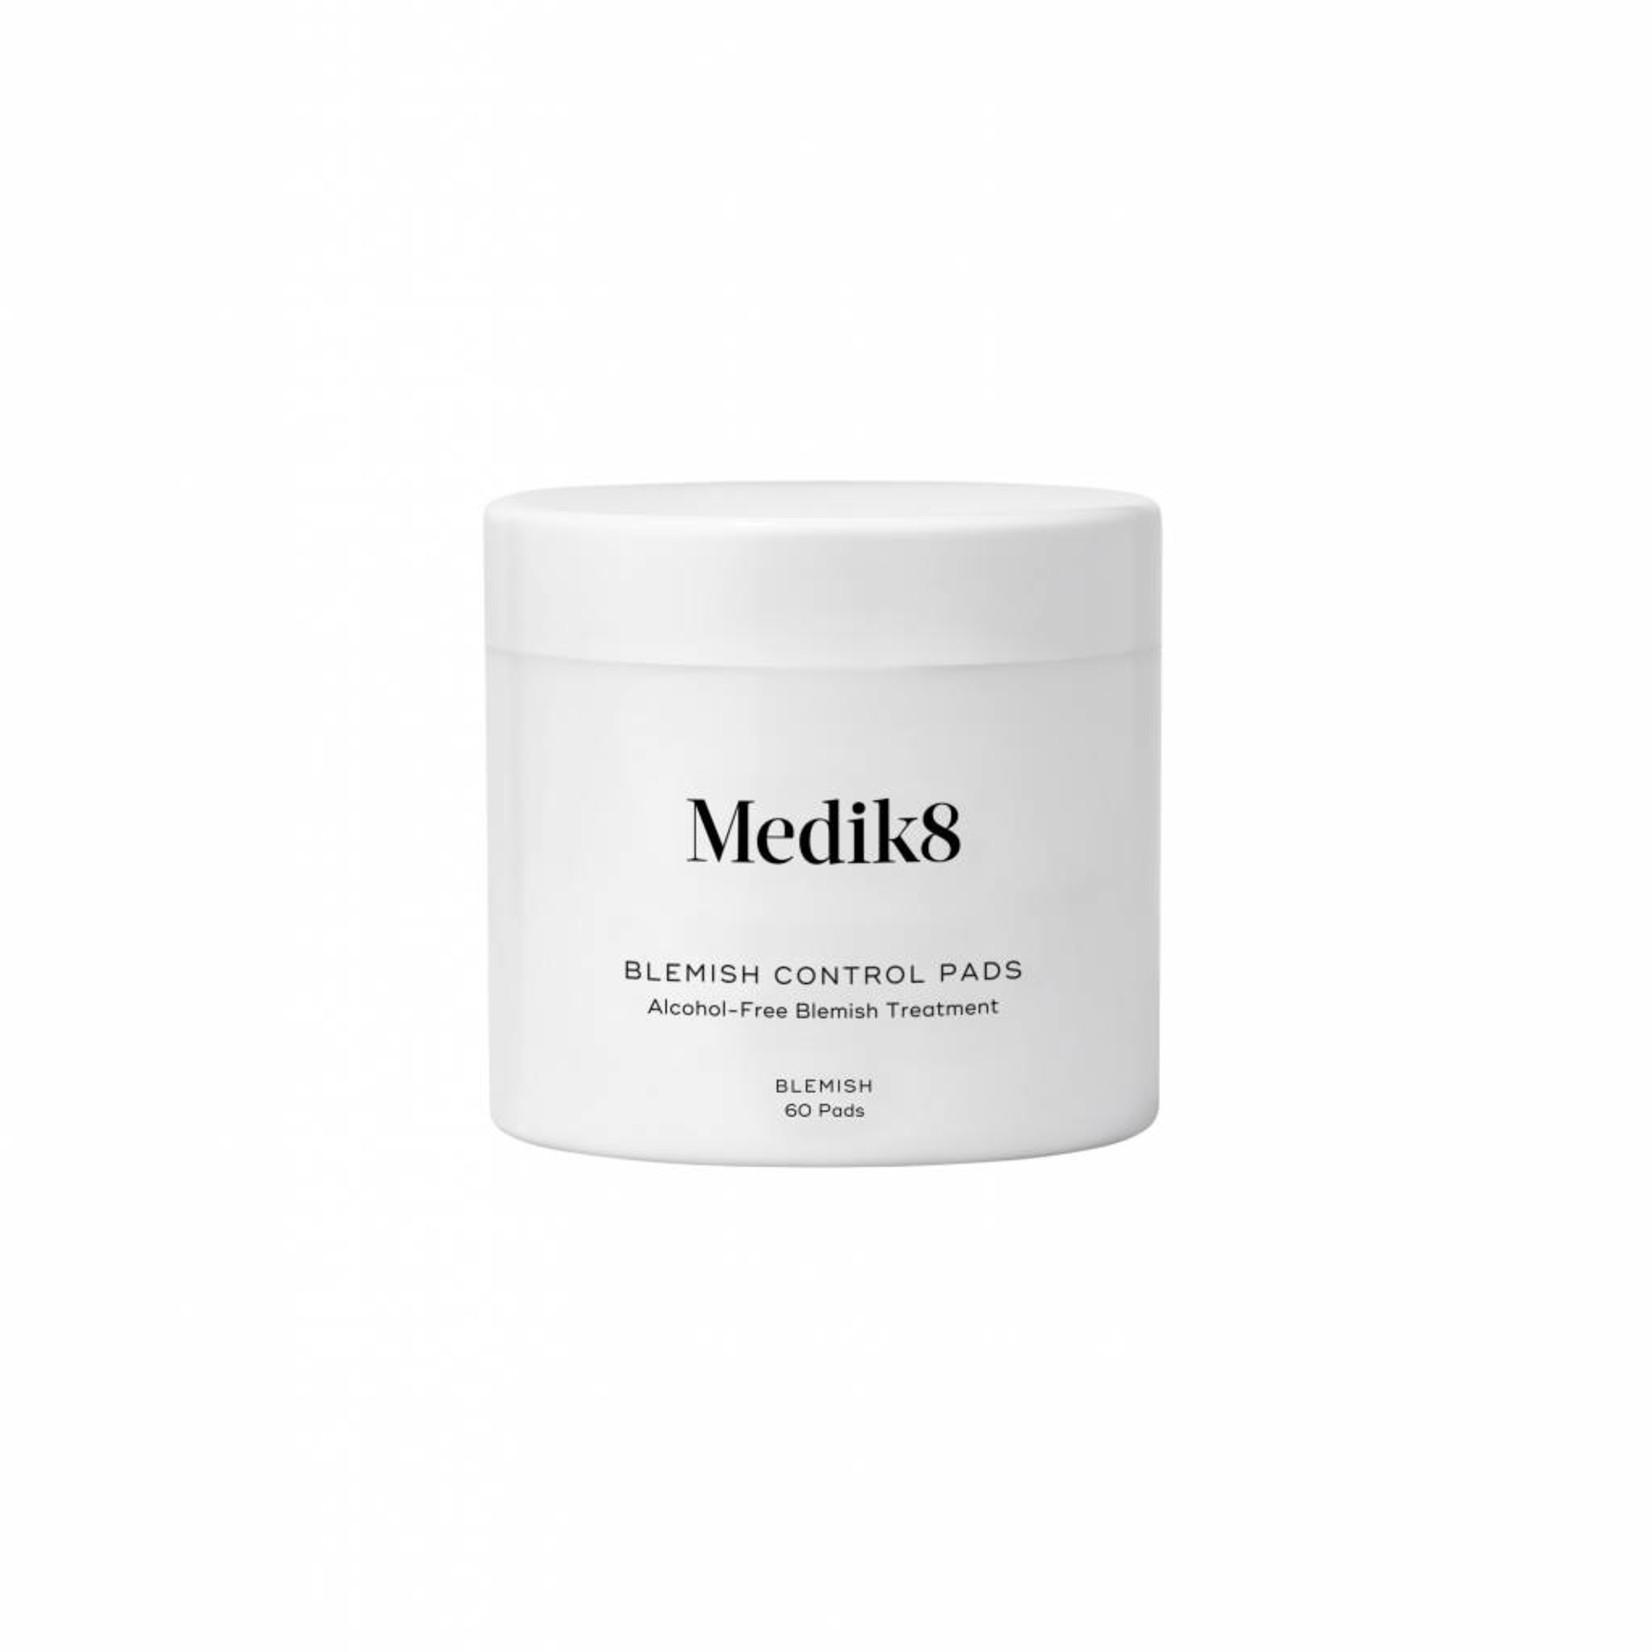 Medik8 Medik8 Blemish control pads voor de vette en acne huid.